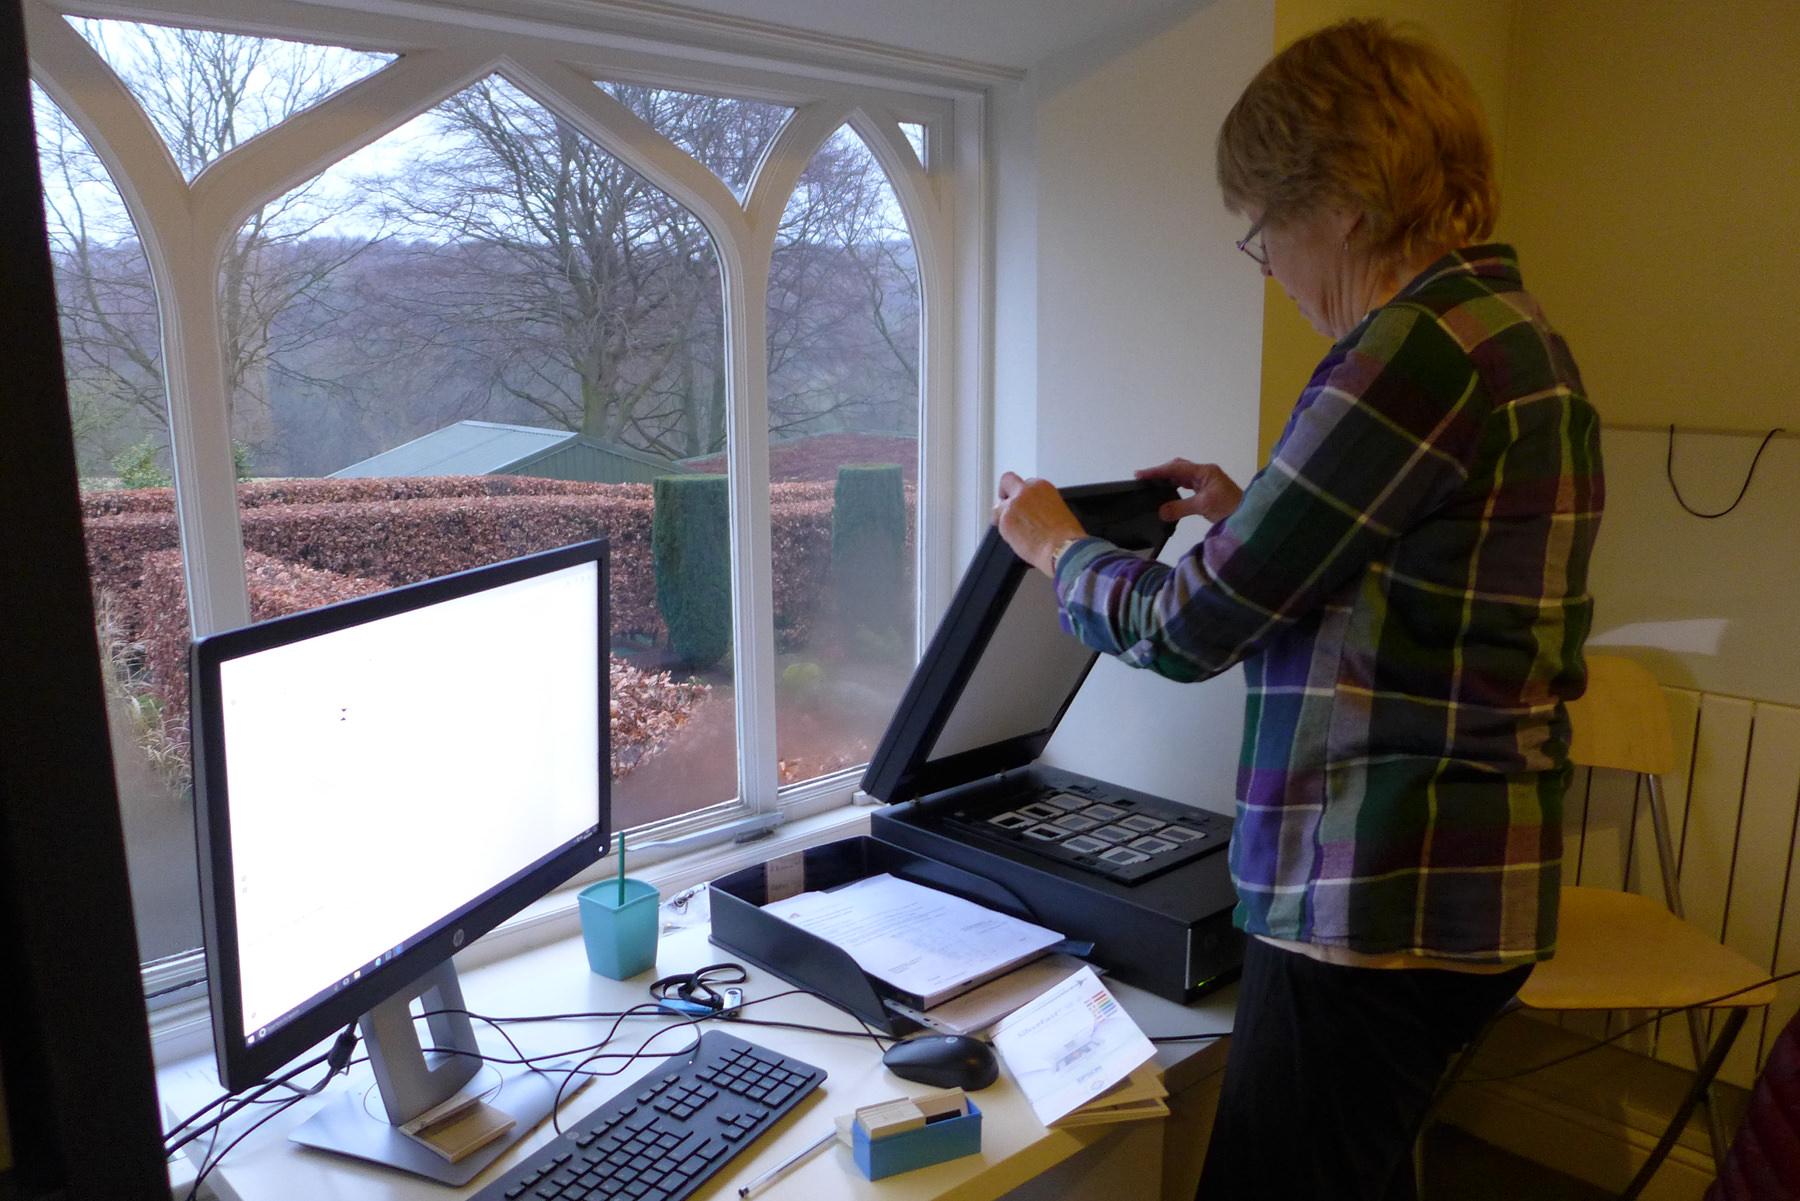 Fran scanning slides